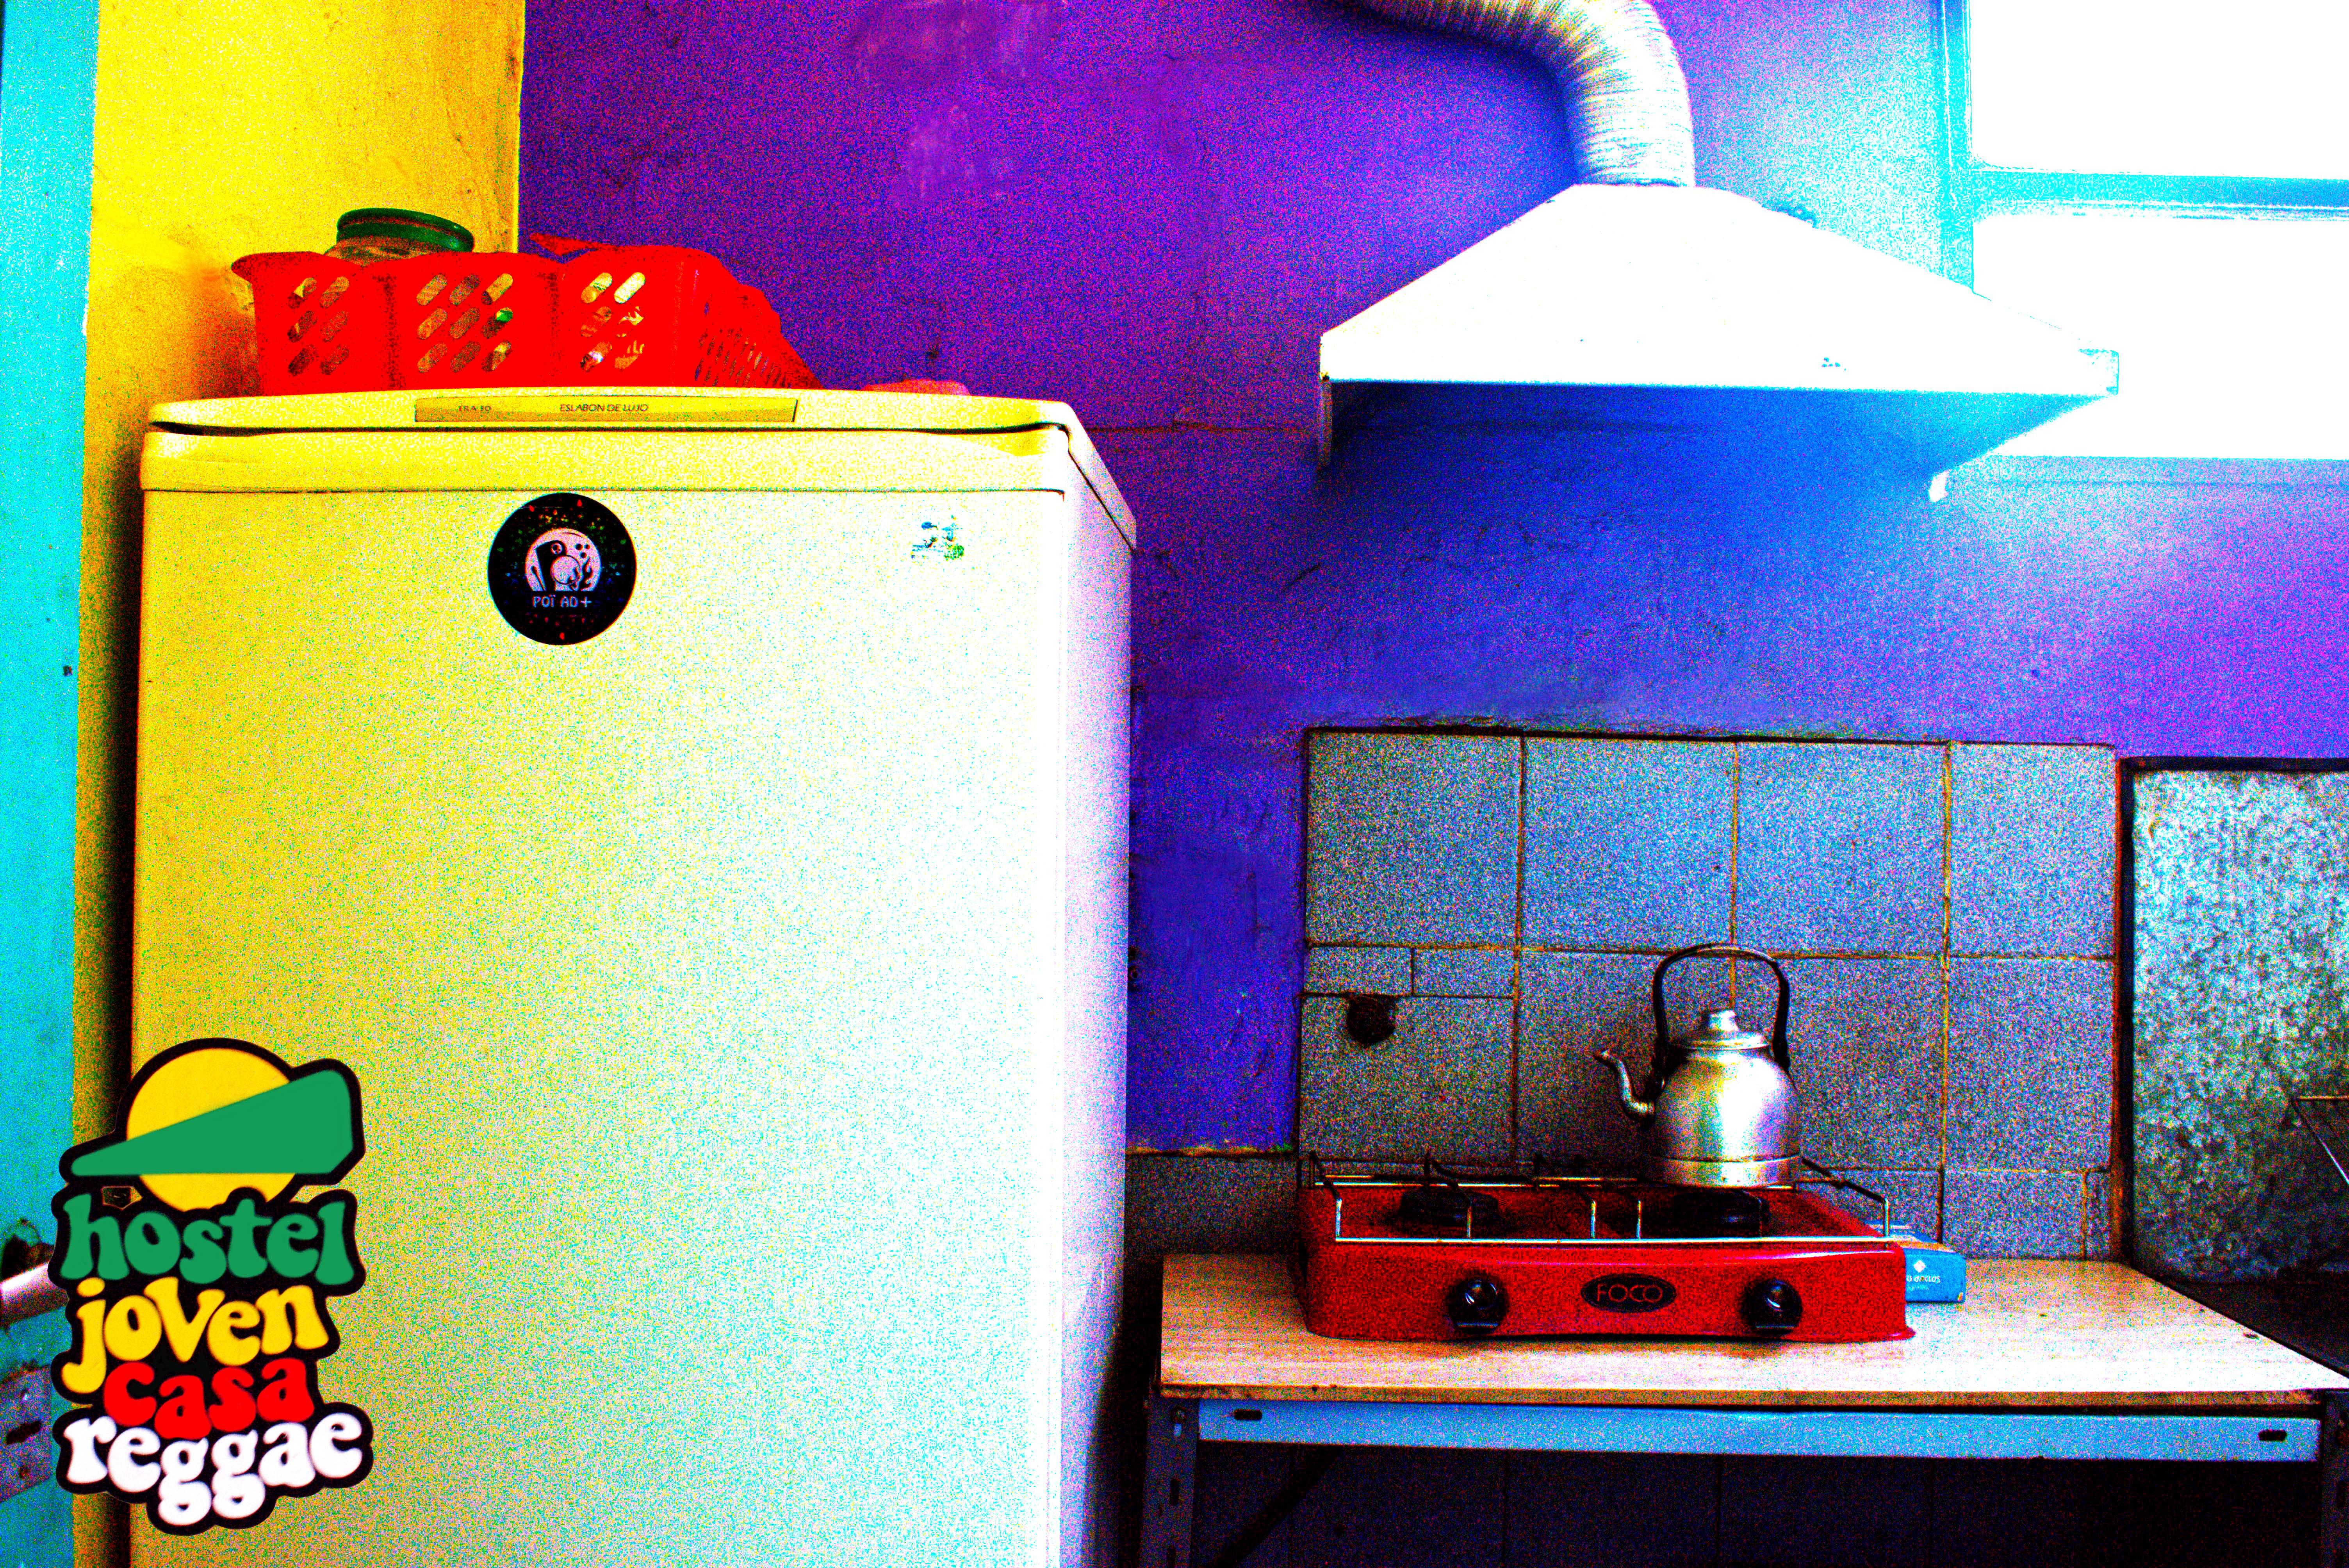 HOSTEL - Hostel Joven Casa Reggae